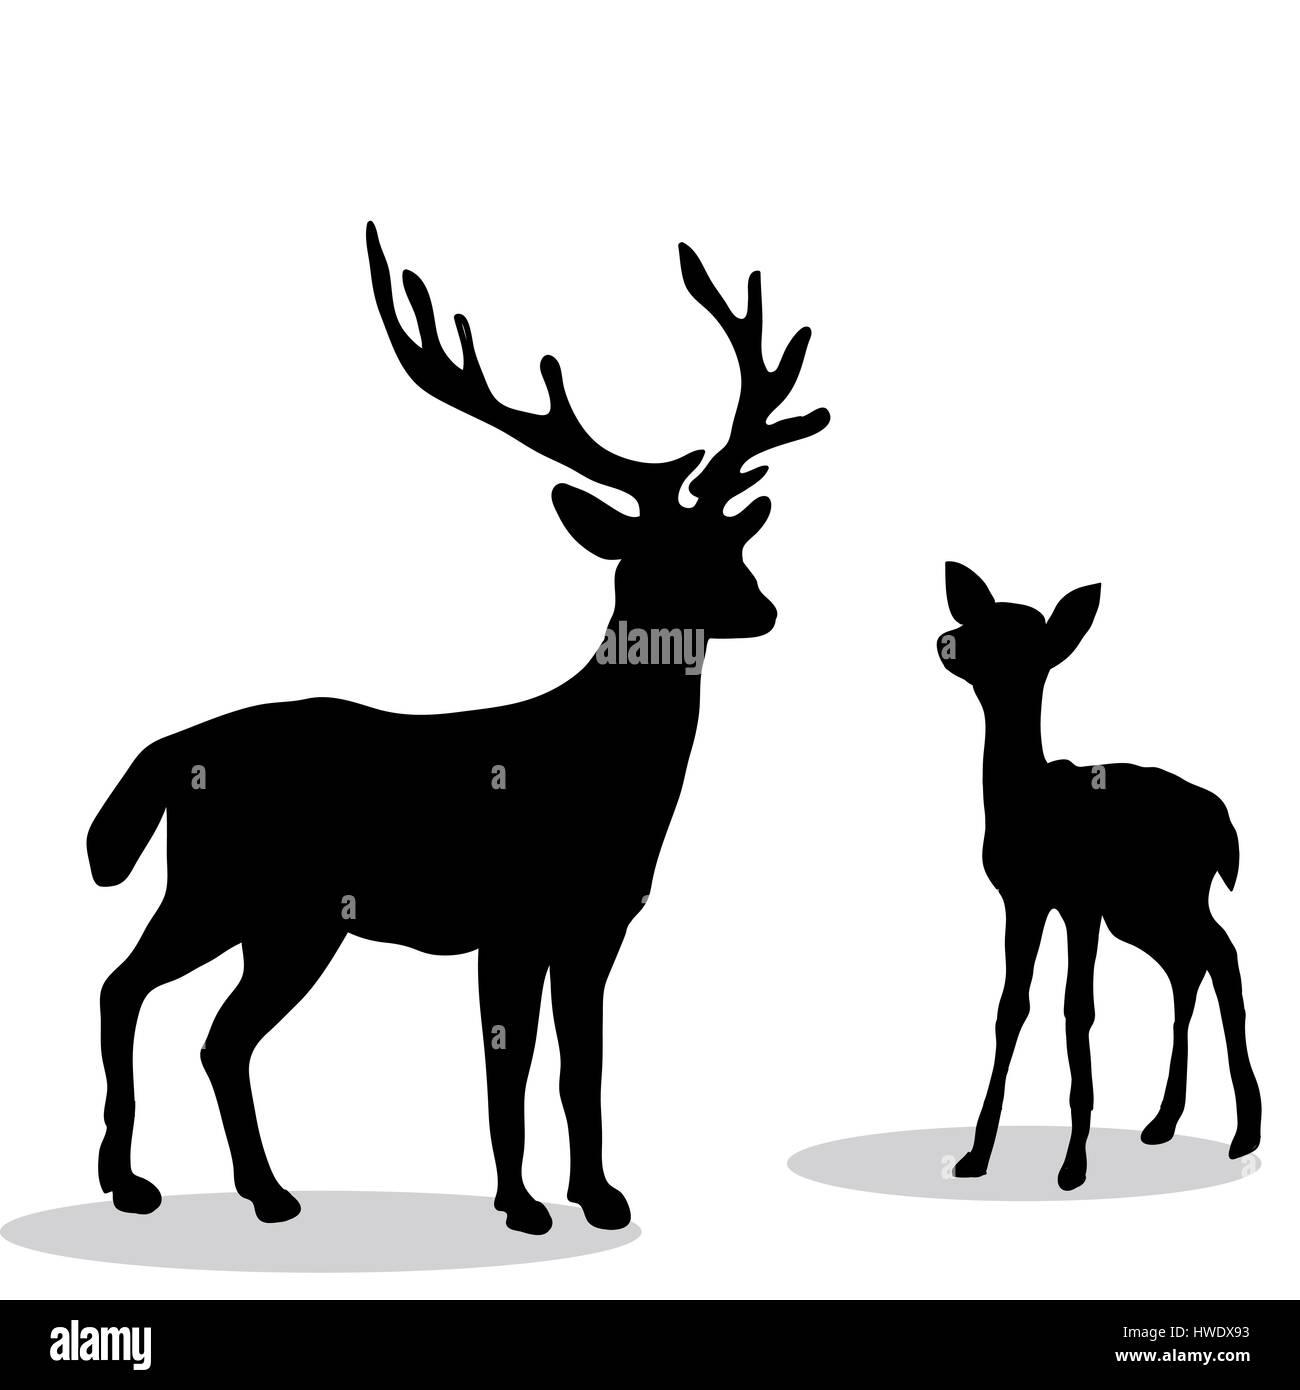 schwarze silhouette hirsch und reh wei er hintergrund vektor abbildung bild 136144991 alamy. Black Bedroom Furniture Sets. Home Design Ideas